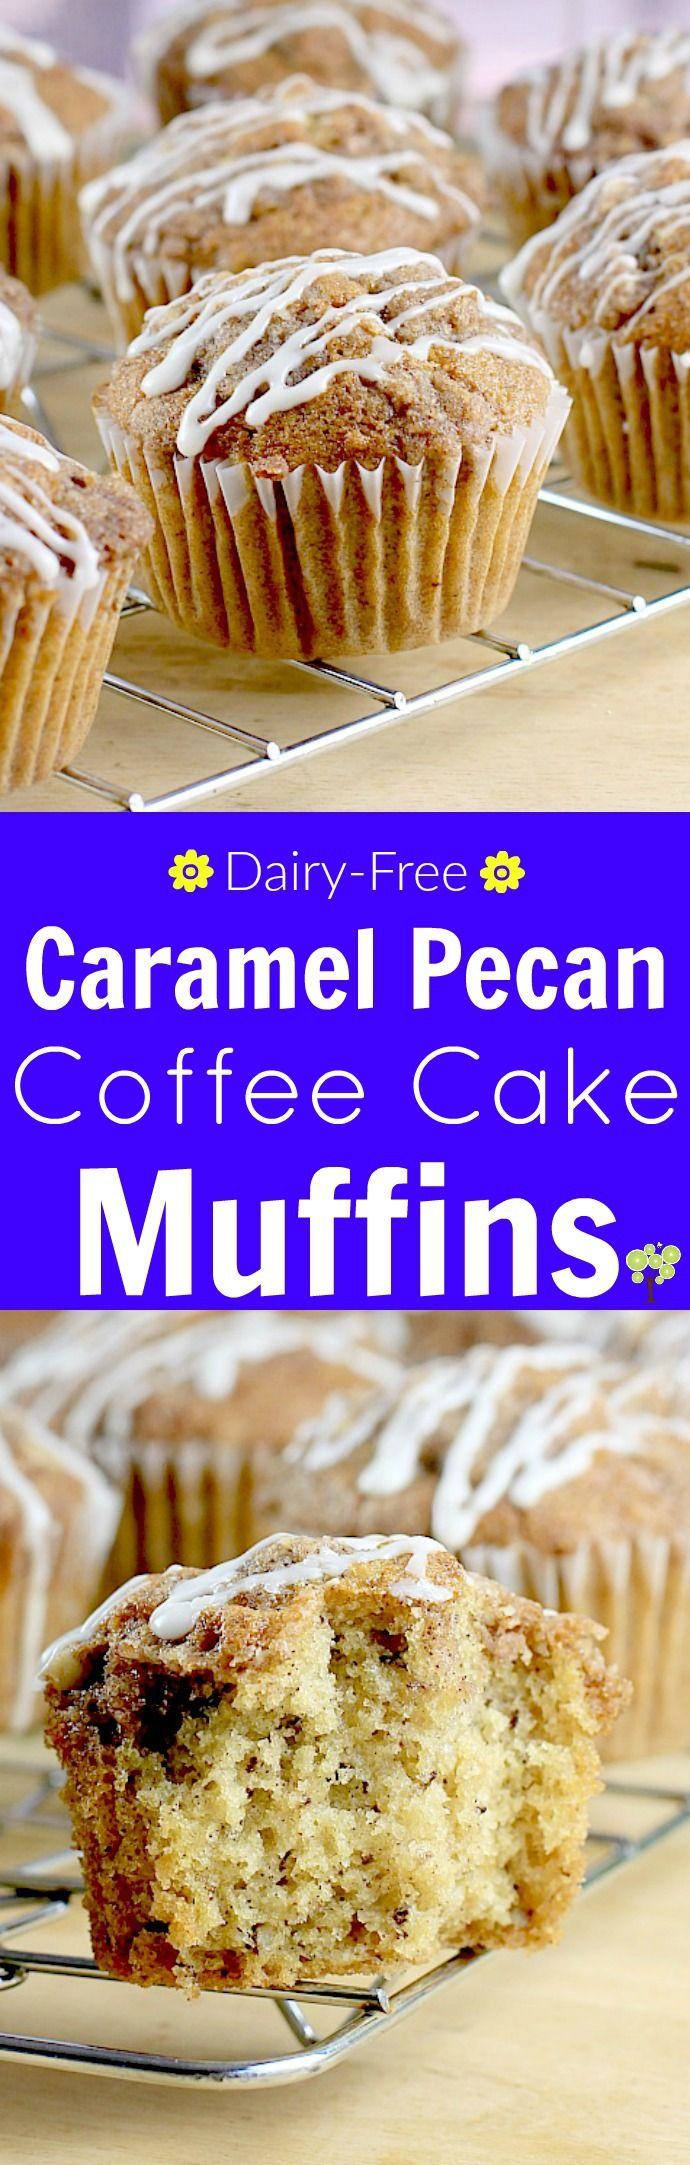 Caramel Pecan Coffee Cake Muffins (DairyFree) http//wp